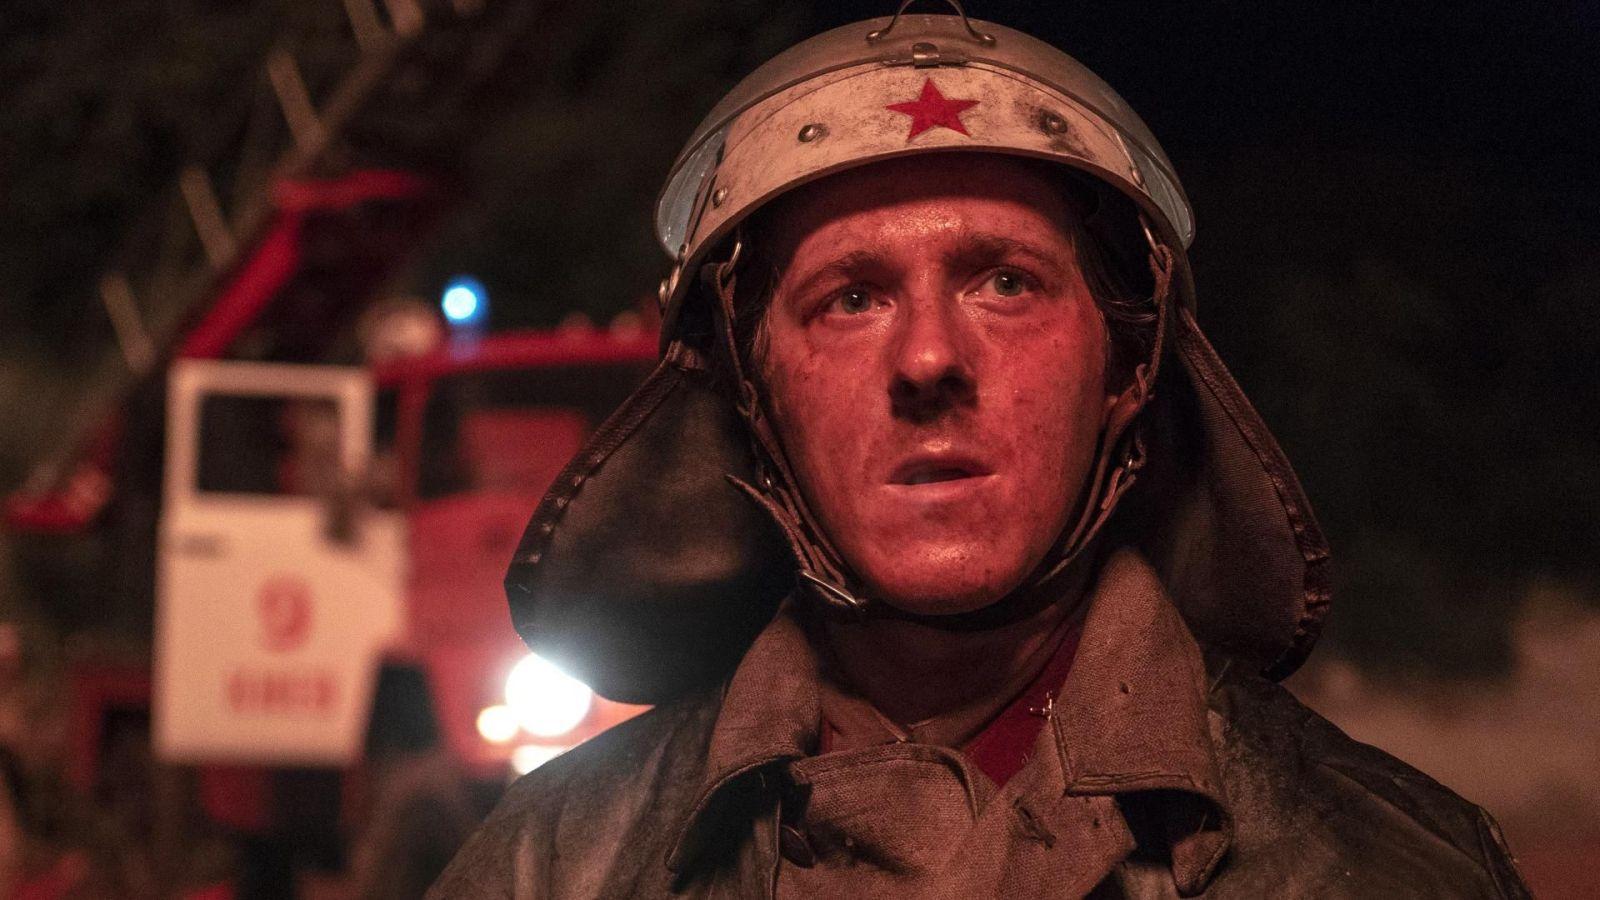 Smrteľná radiácia, zvracanie a krvavé tváre obetí. Chernobyl od HBO odštartoval skutočne bravúrne